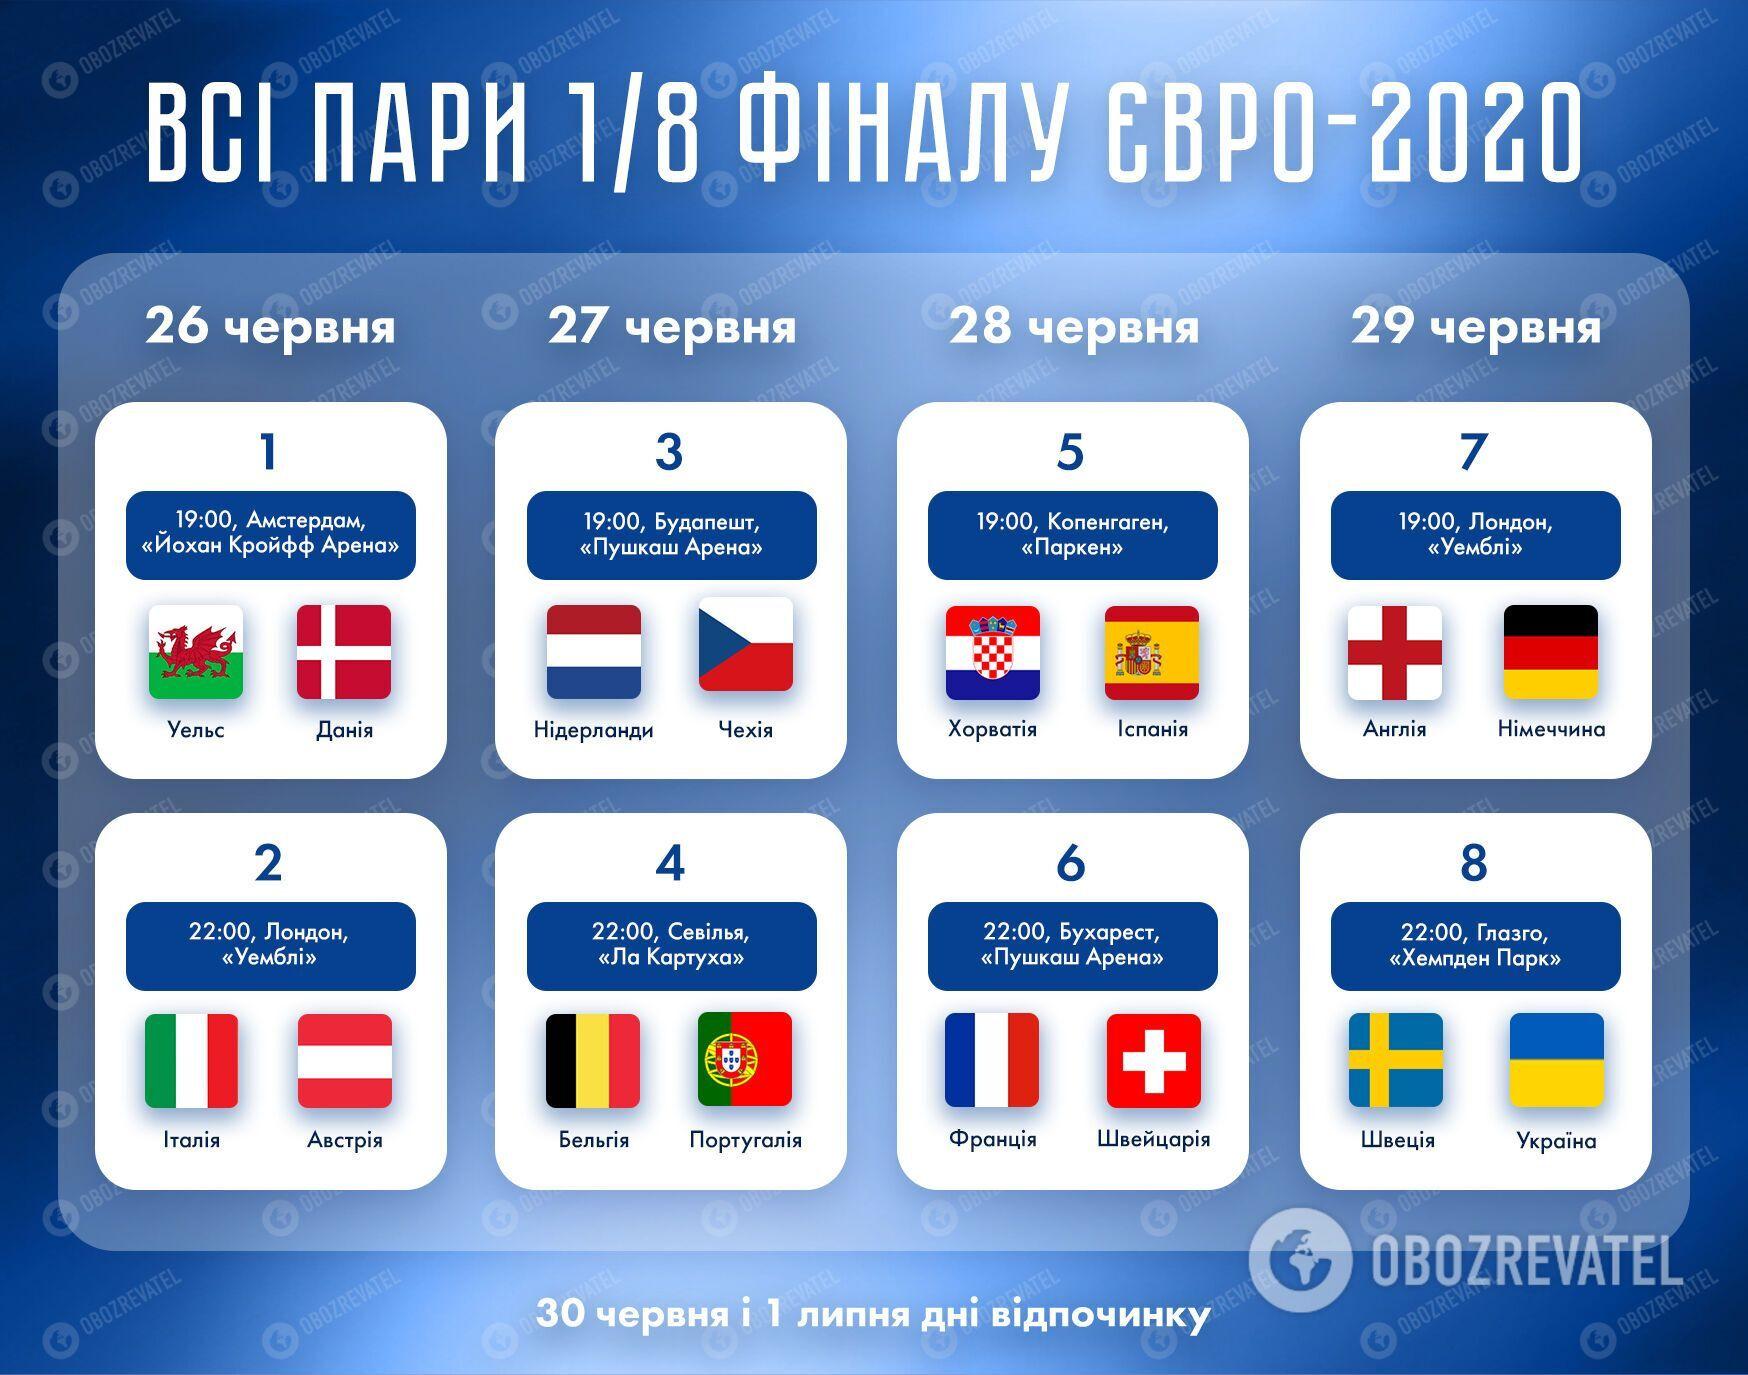 Пары и расписание плей-офф Евро-2020.